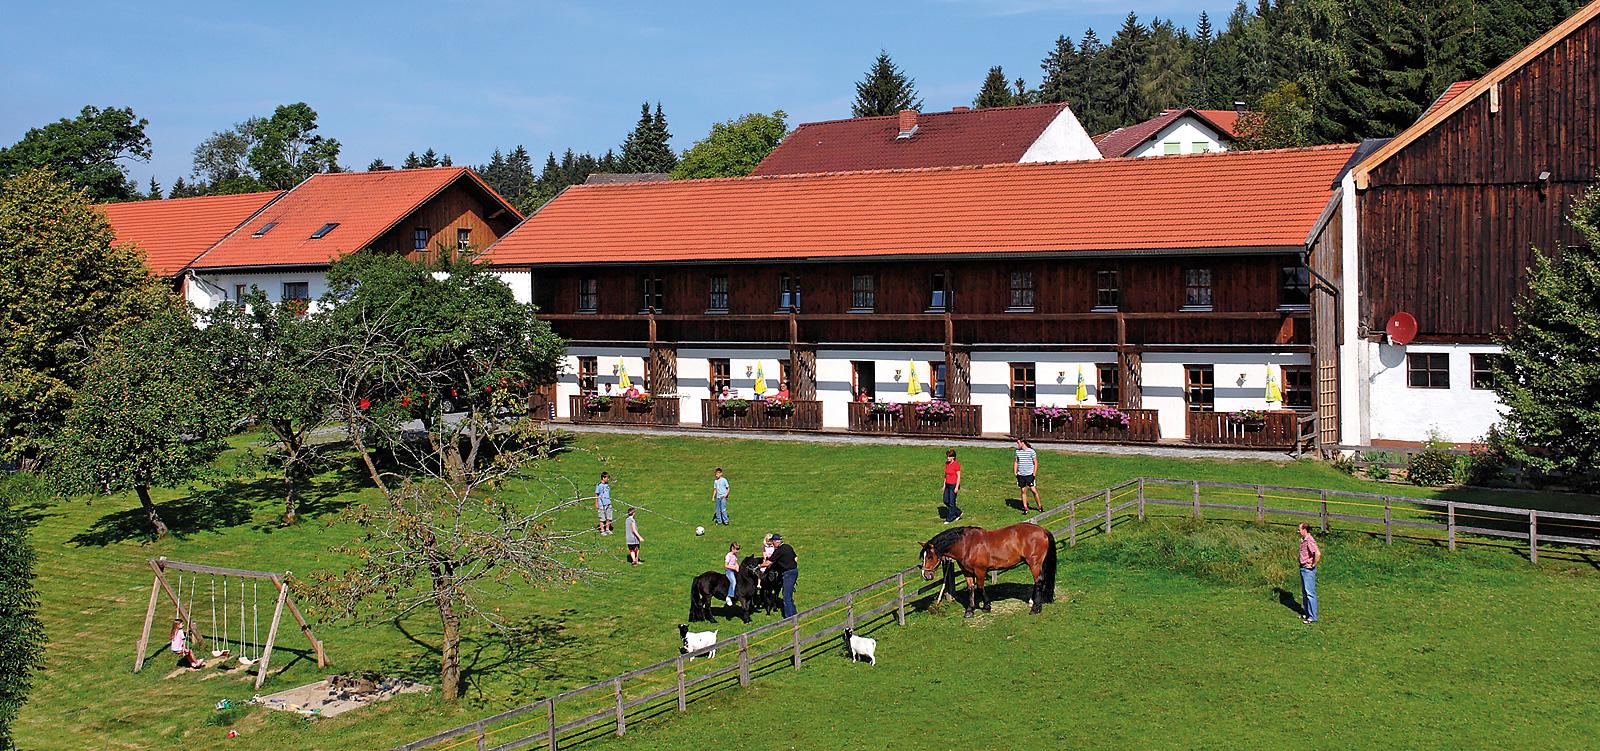 Bayerwald-Ferienhof am Nationalpark Bayerischer Wald